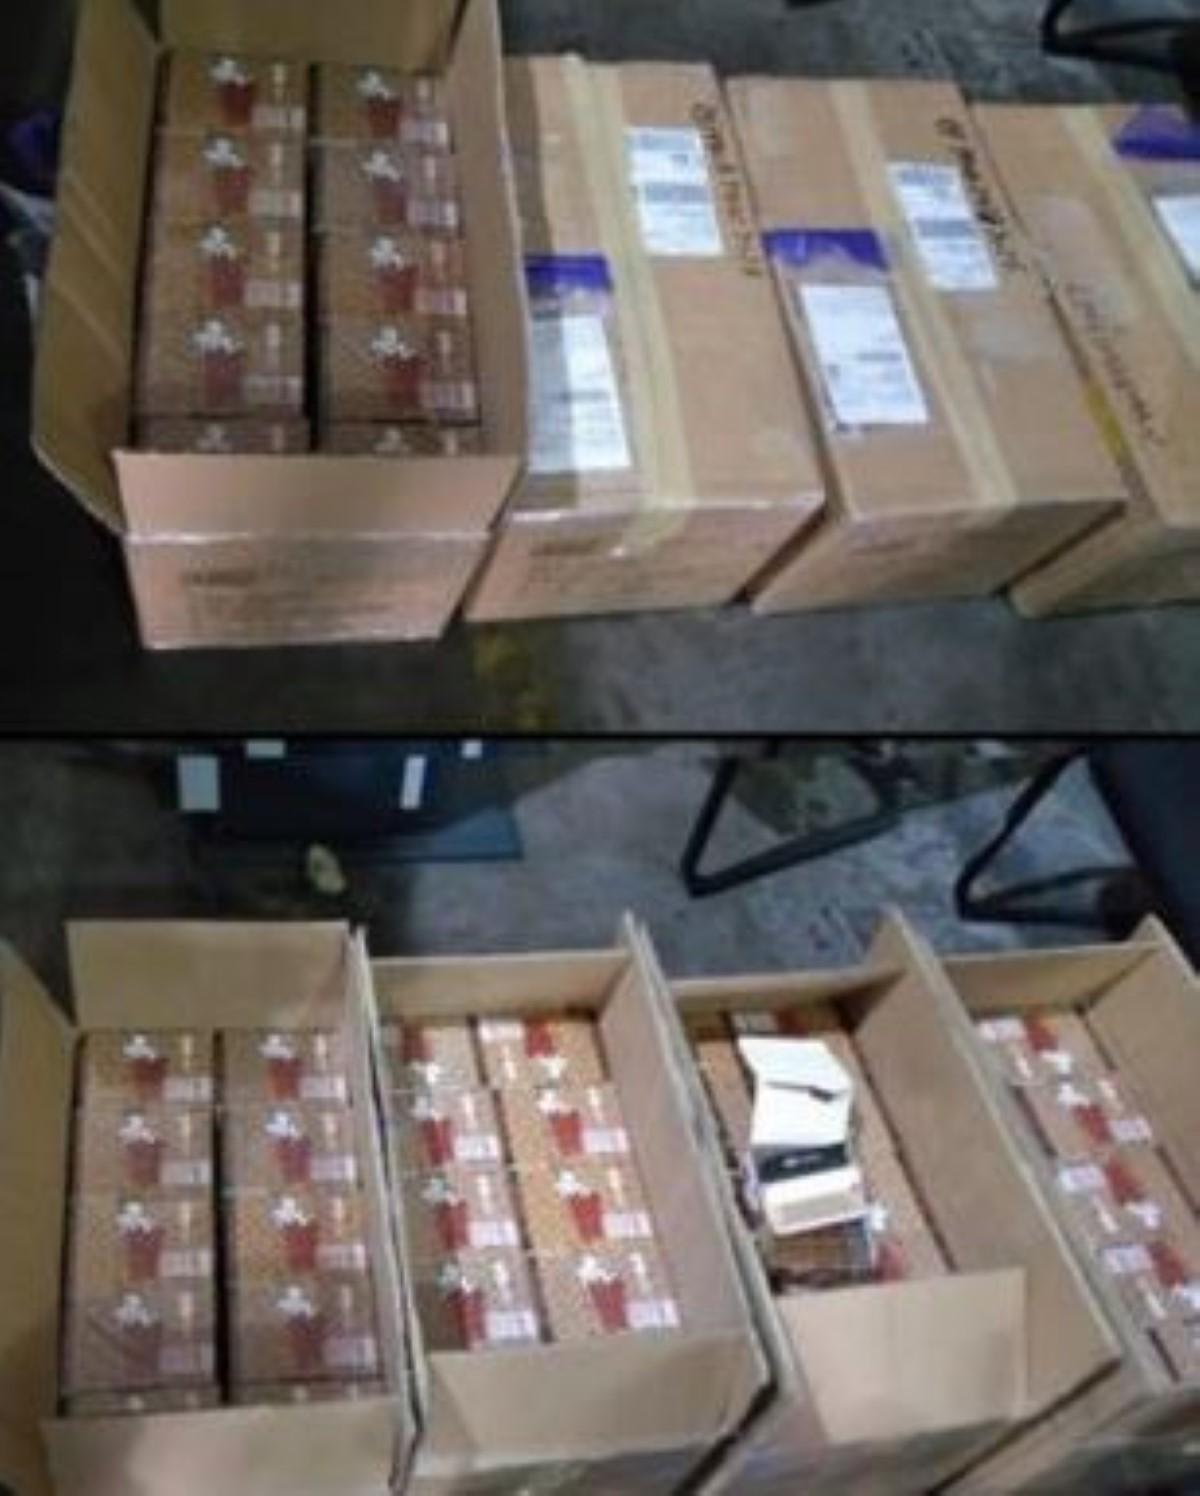 Plaisance : saisie de 550 000 feuilles à rouler en provenance de Chine sur un vol de MK